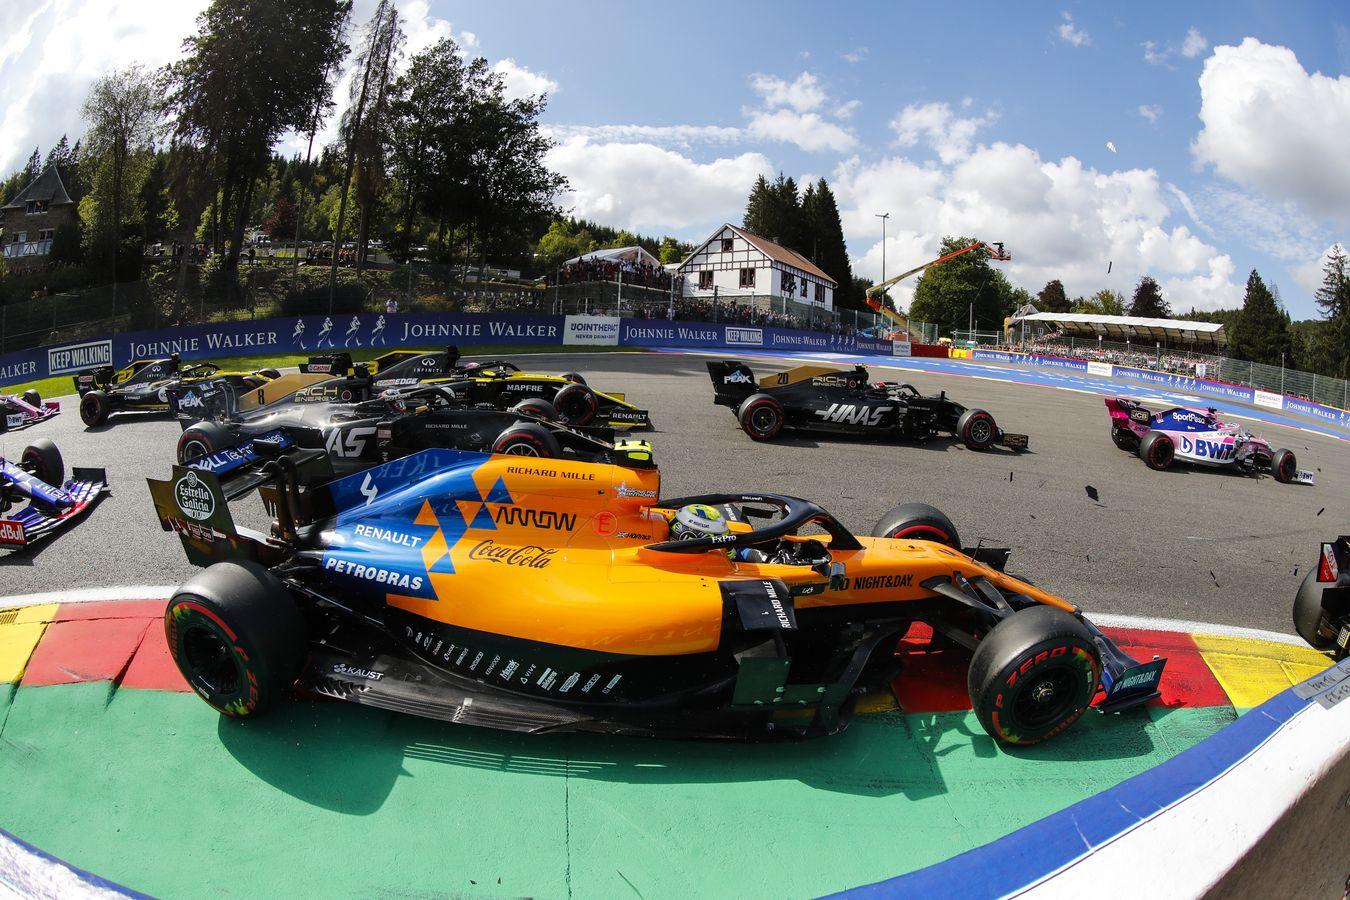 Mclaren Racing 2019 Belgian Grand Prix